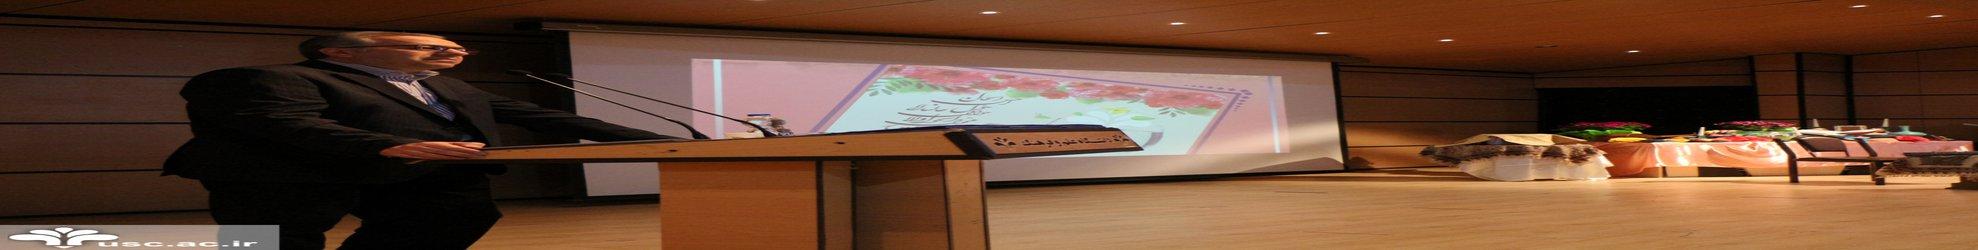 برگزاری جشن پایان سال ۱۳۹۷ در دانشگاه علم و فرهنگ